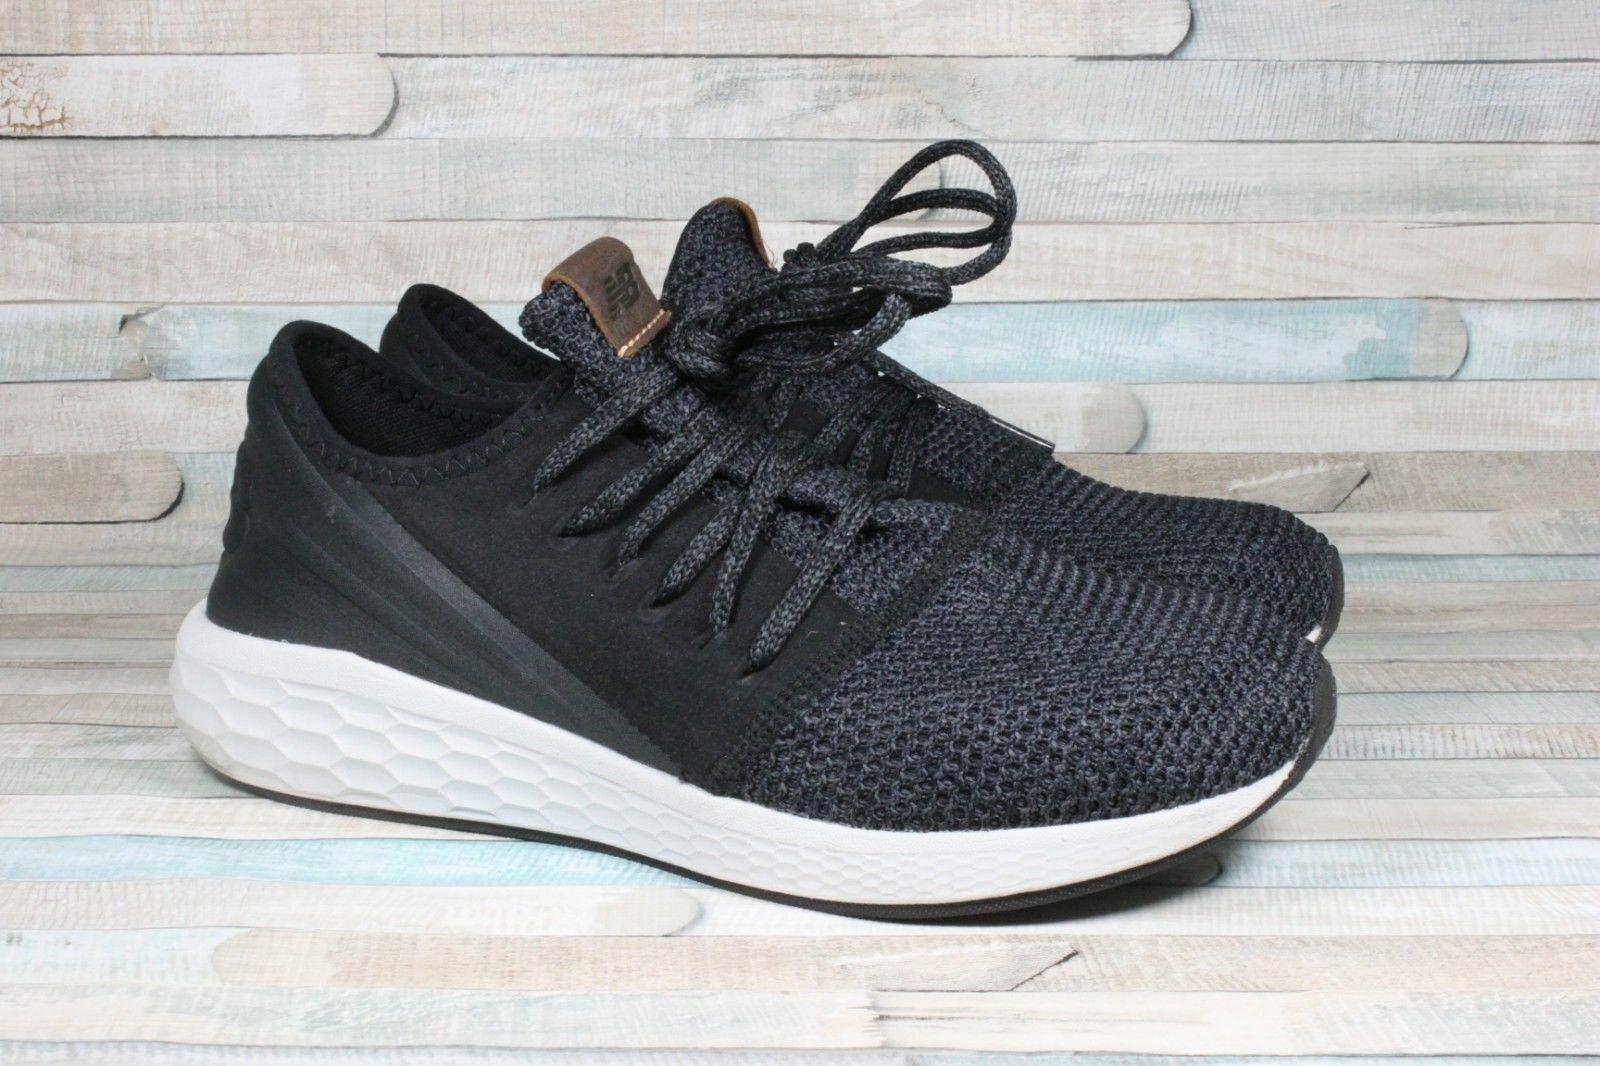 New balance mcrzdlb 2 Cruz mujer medianos Decon Negro Imán Para hombres Zapatos para correr 10.5 EE. UU.